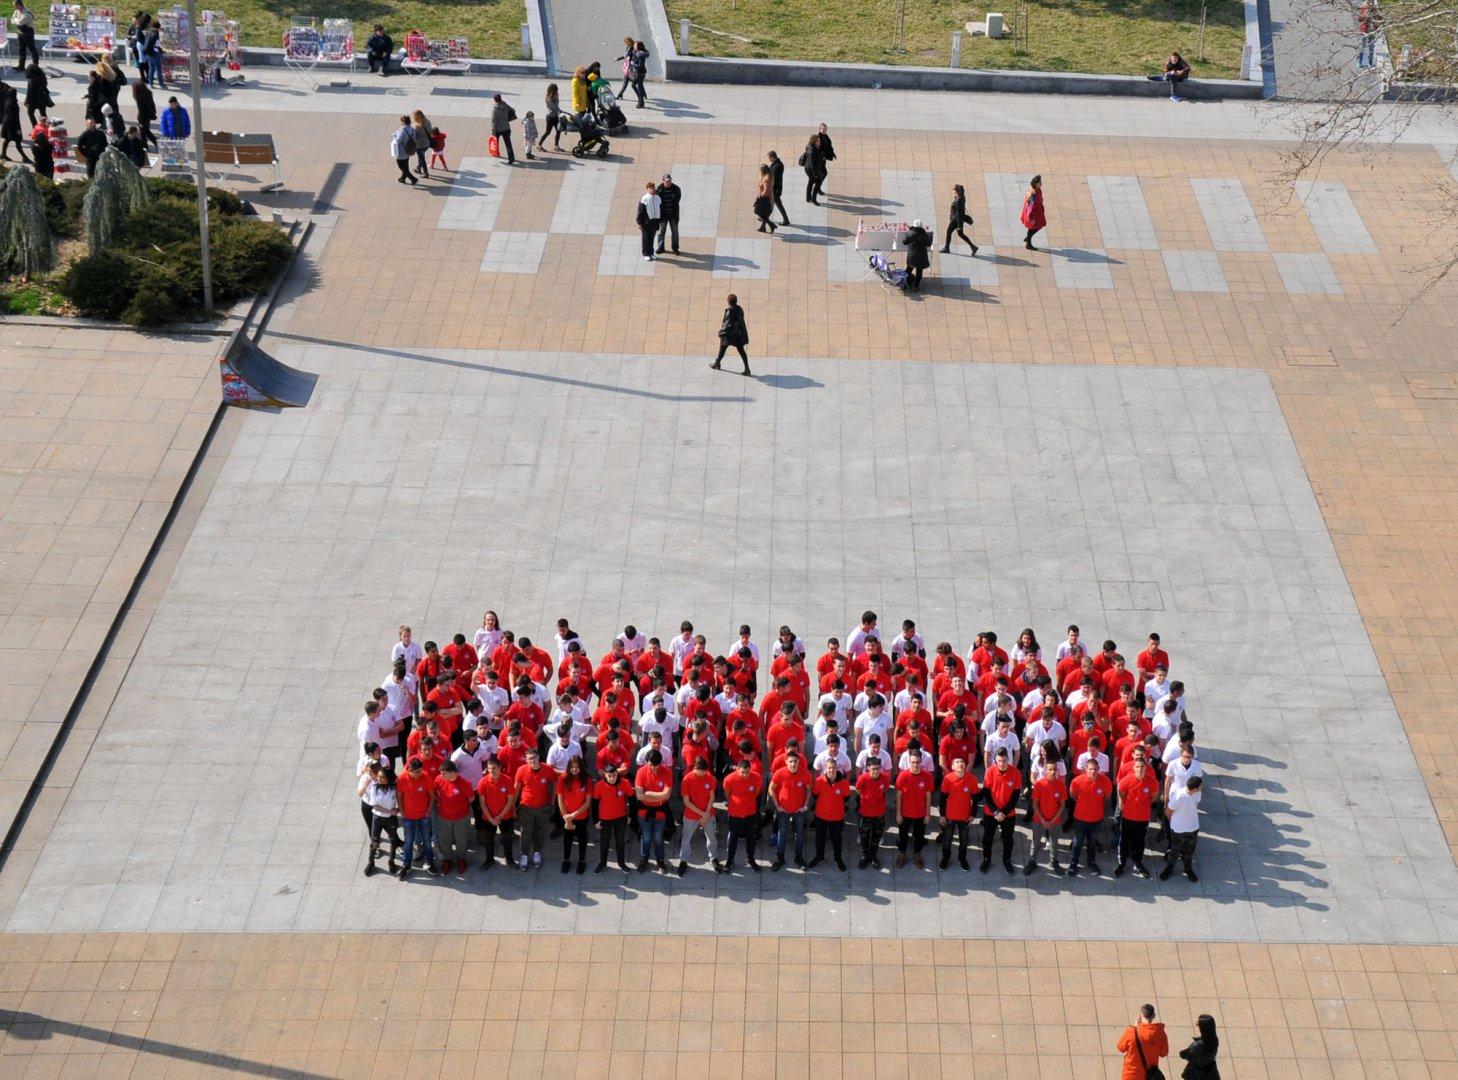 150 ученици от ПГЕЕ К.Фотинов се включиха в композиция на огромна мартеница. Снимки Лина Главинова